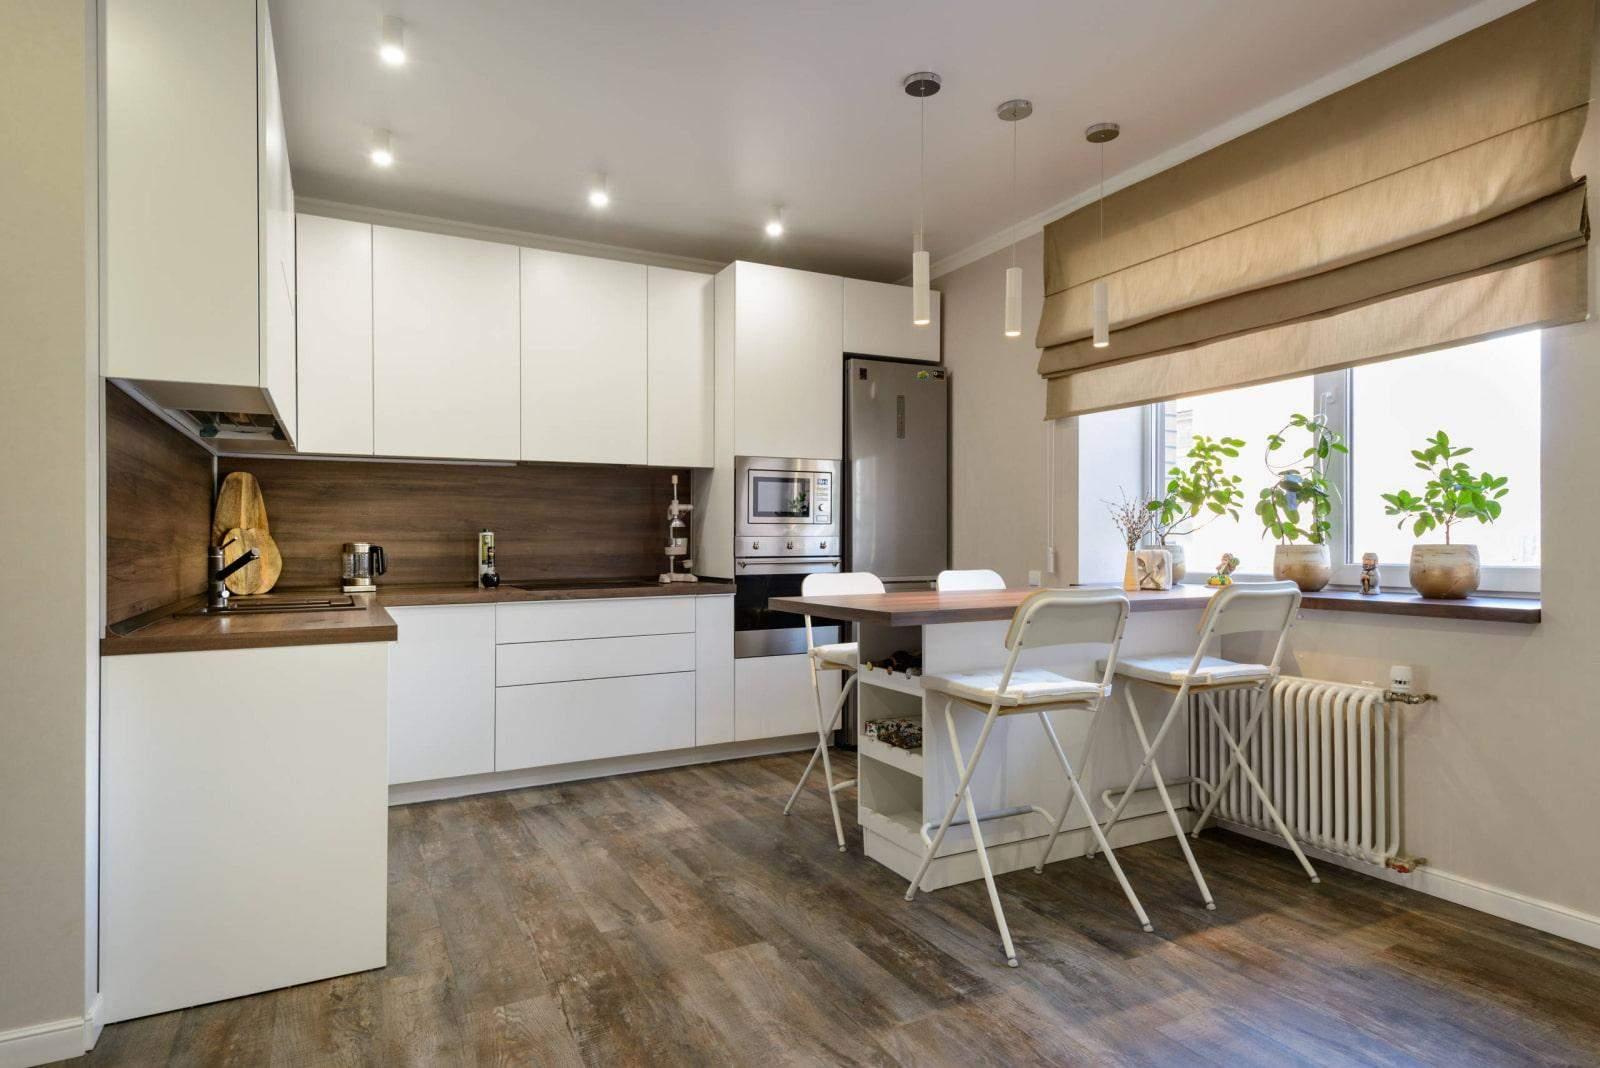 підлога у кухні